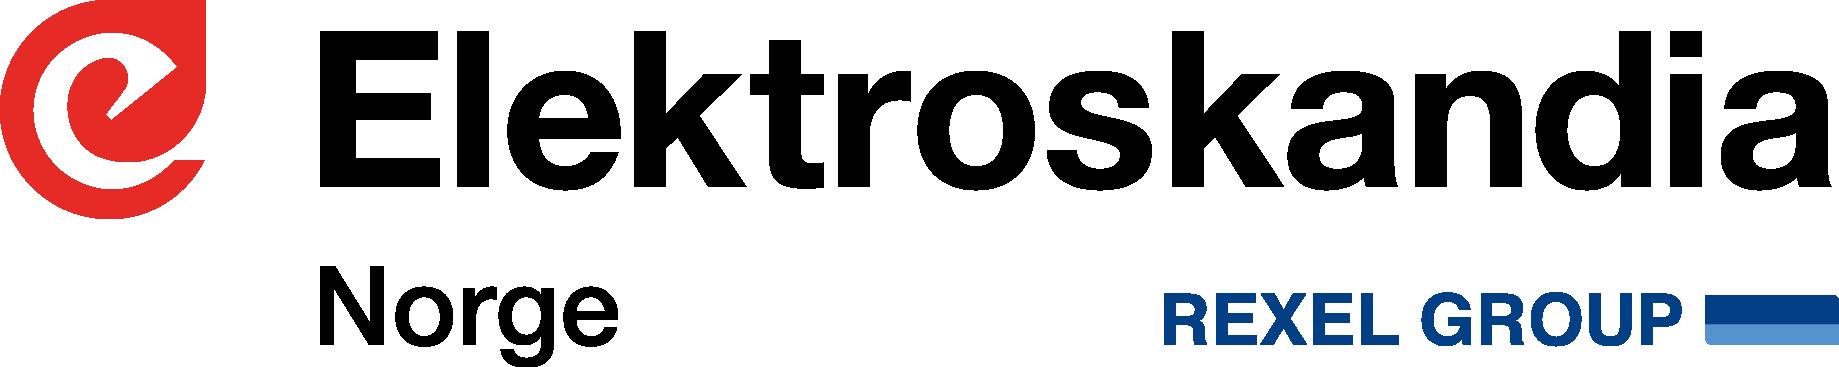 ELEKTROSKANDIA